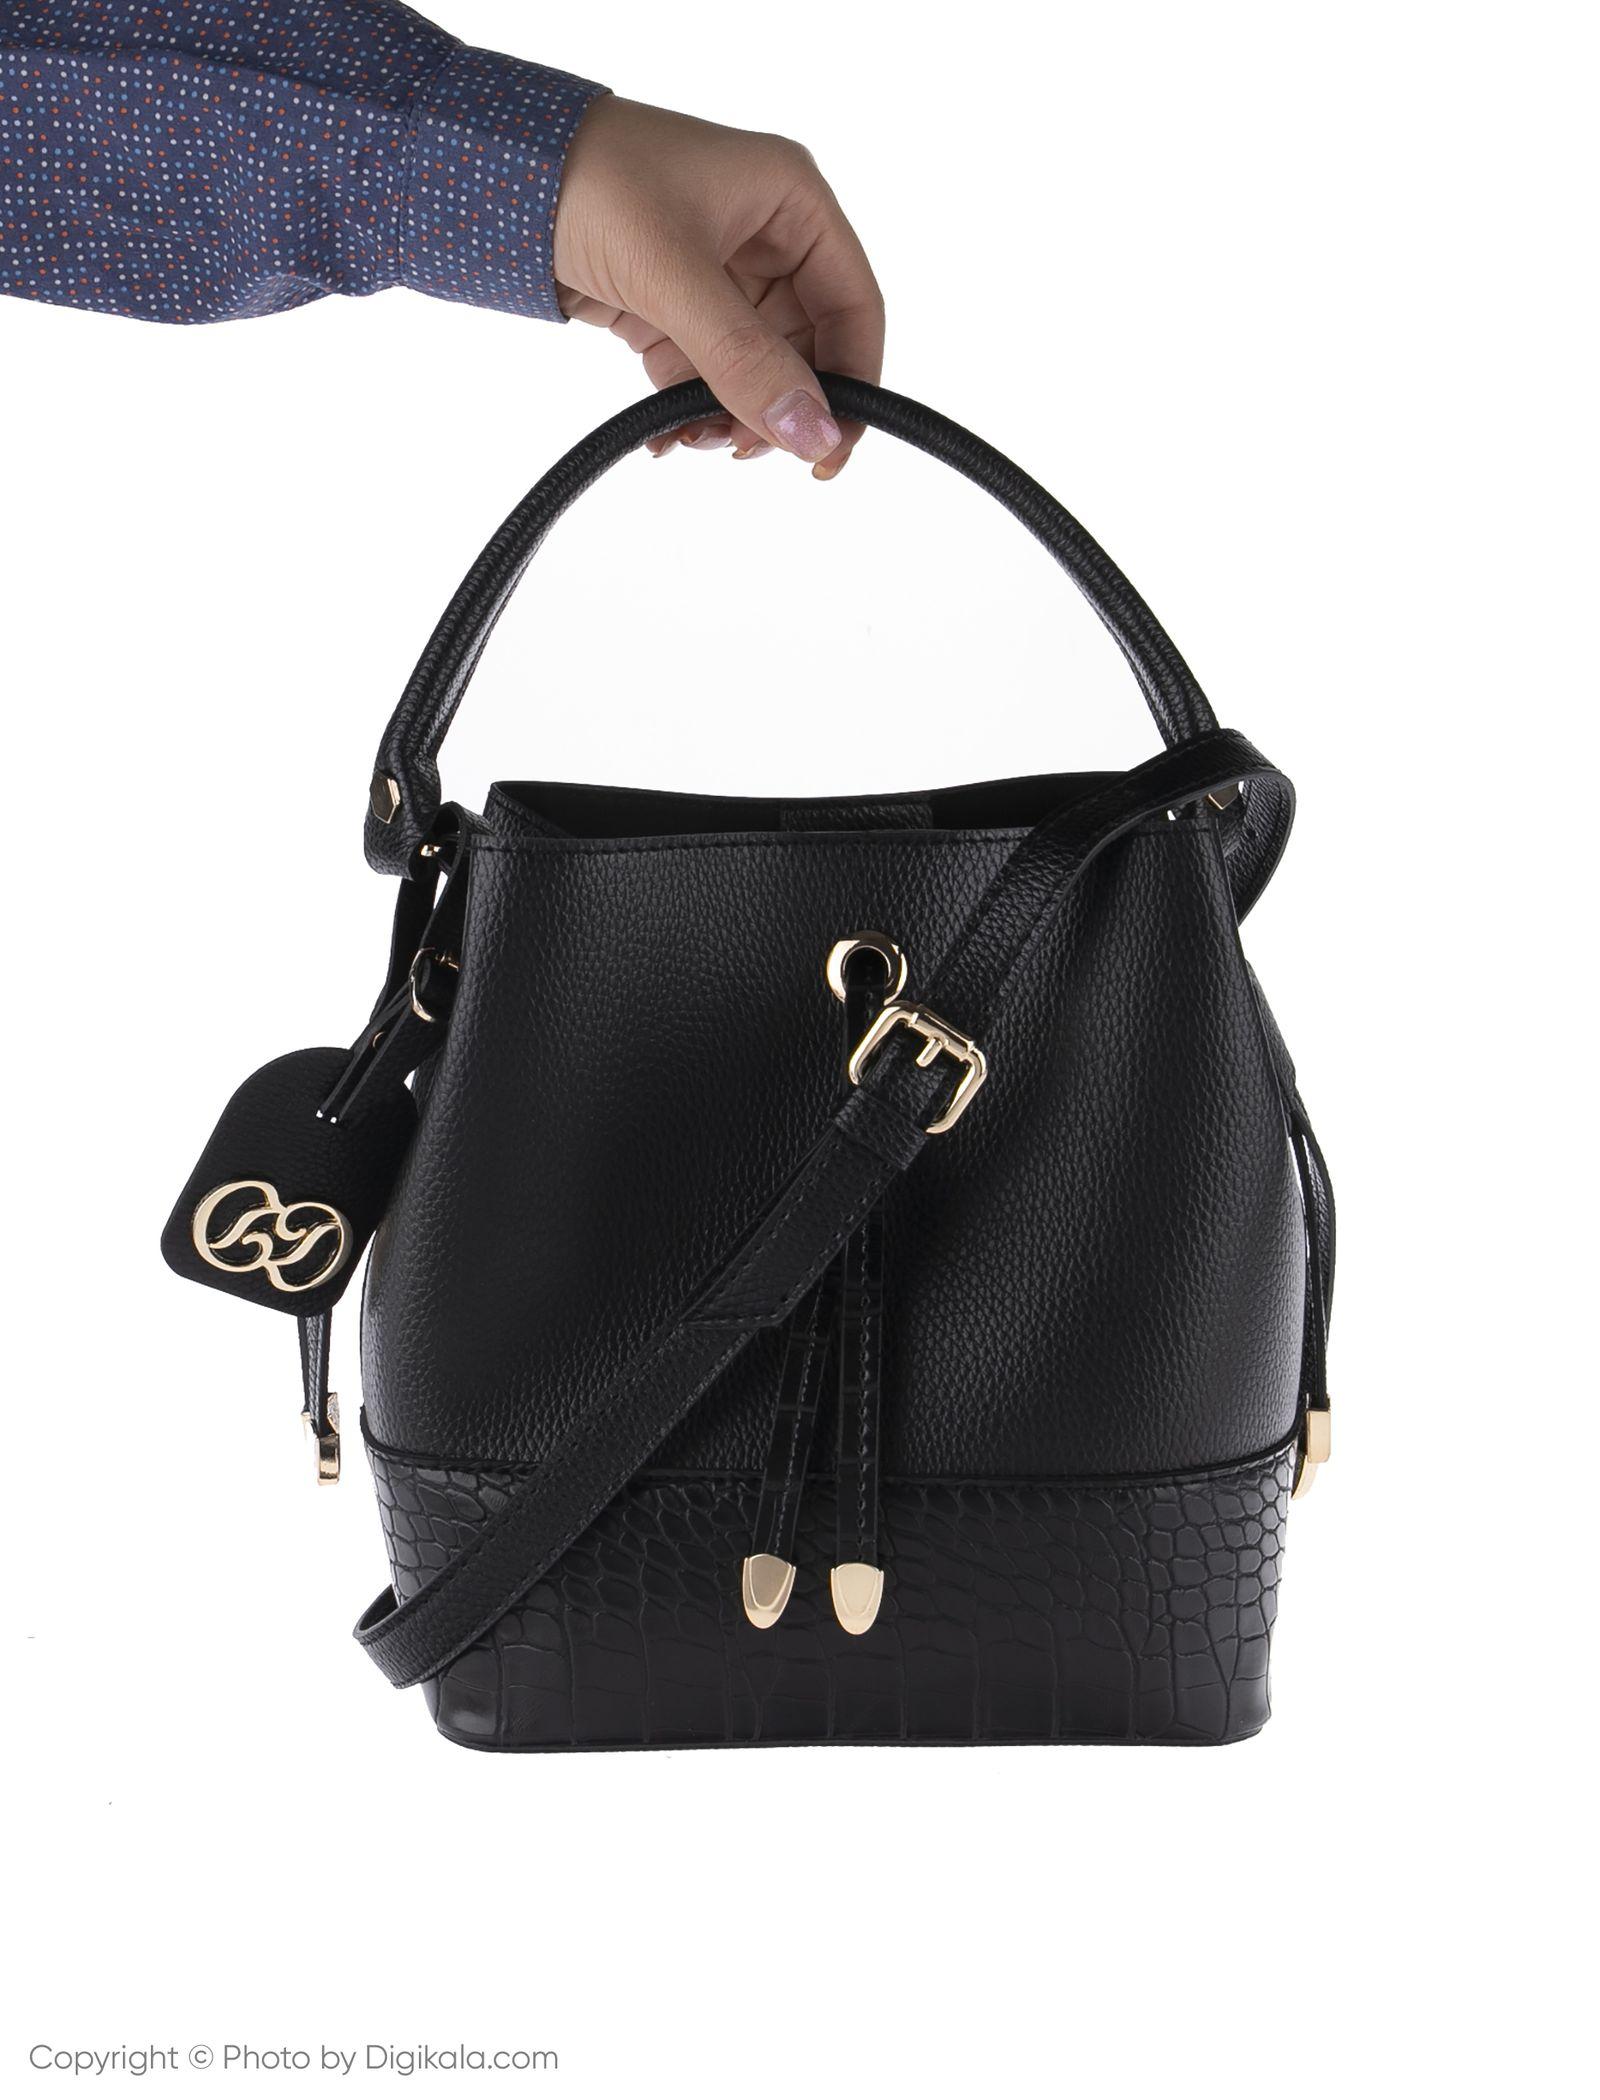 کیف دستی زنانه دنیلی مدل 86364577 -  - 6